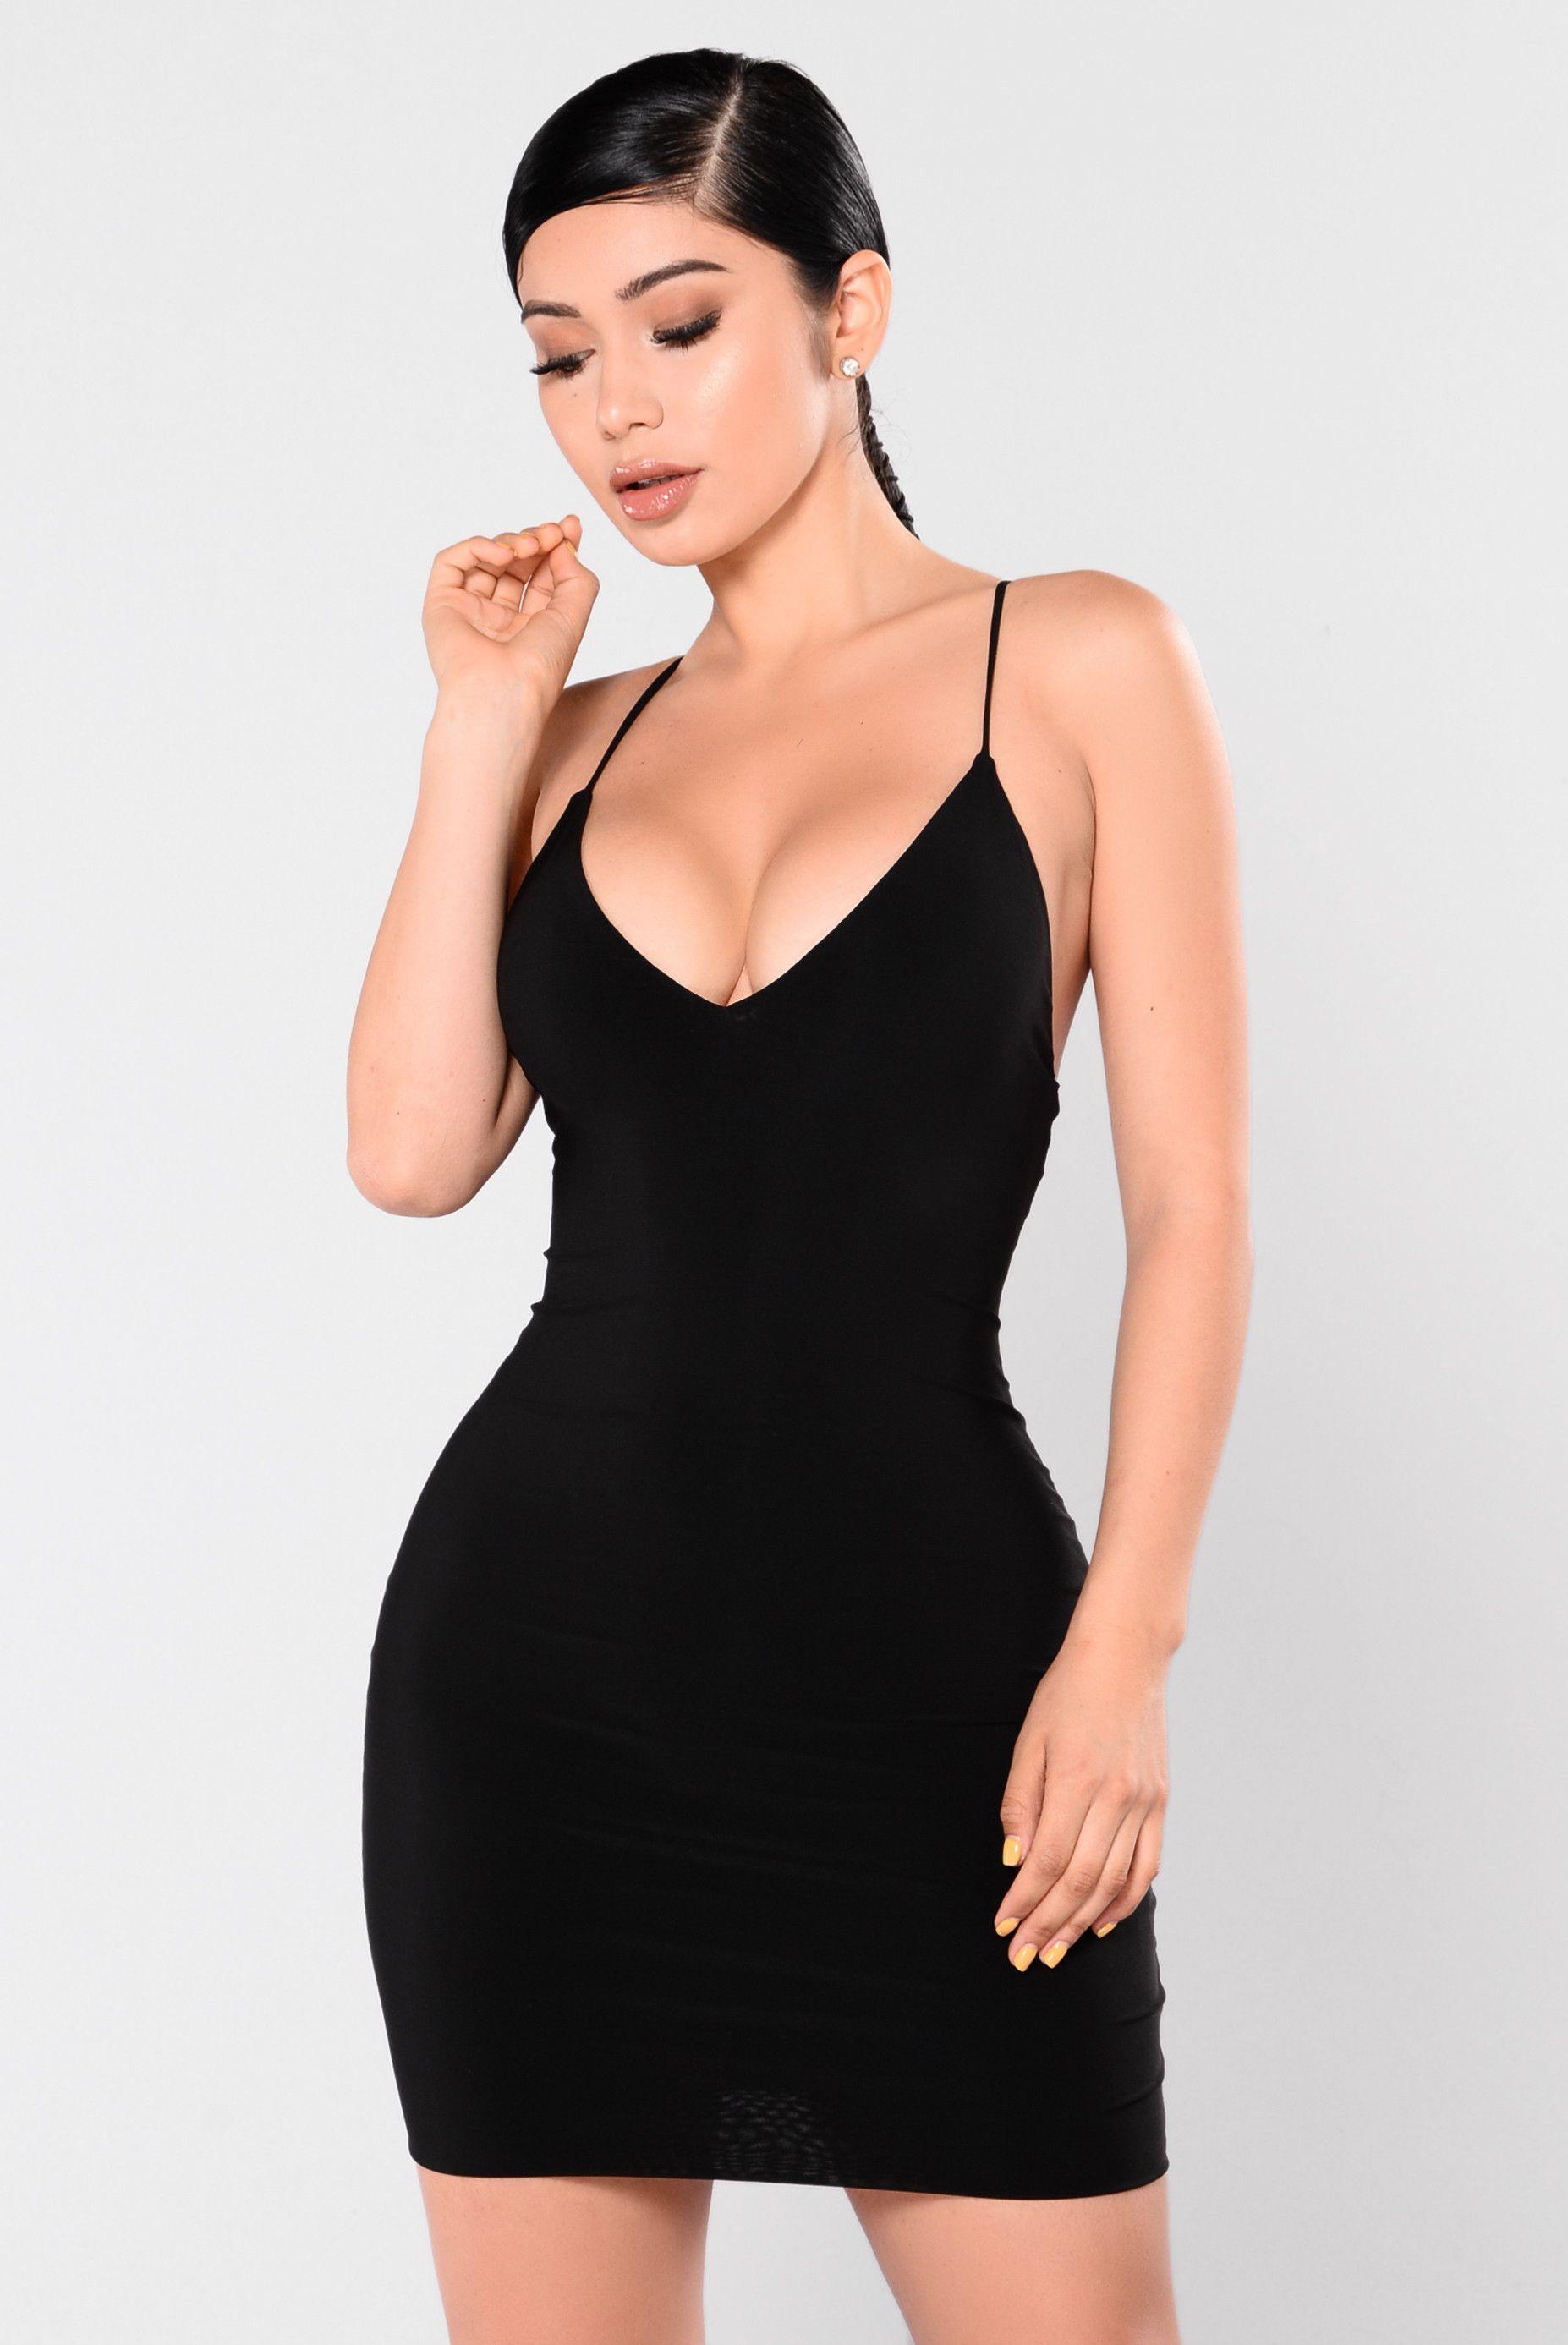 8c986389943 Club View Mini Dress - Black in 2019 | Stylin | Dresses, Club ...